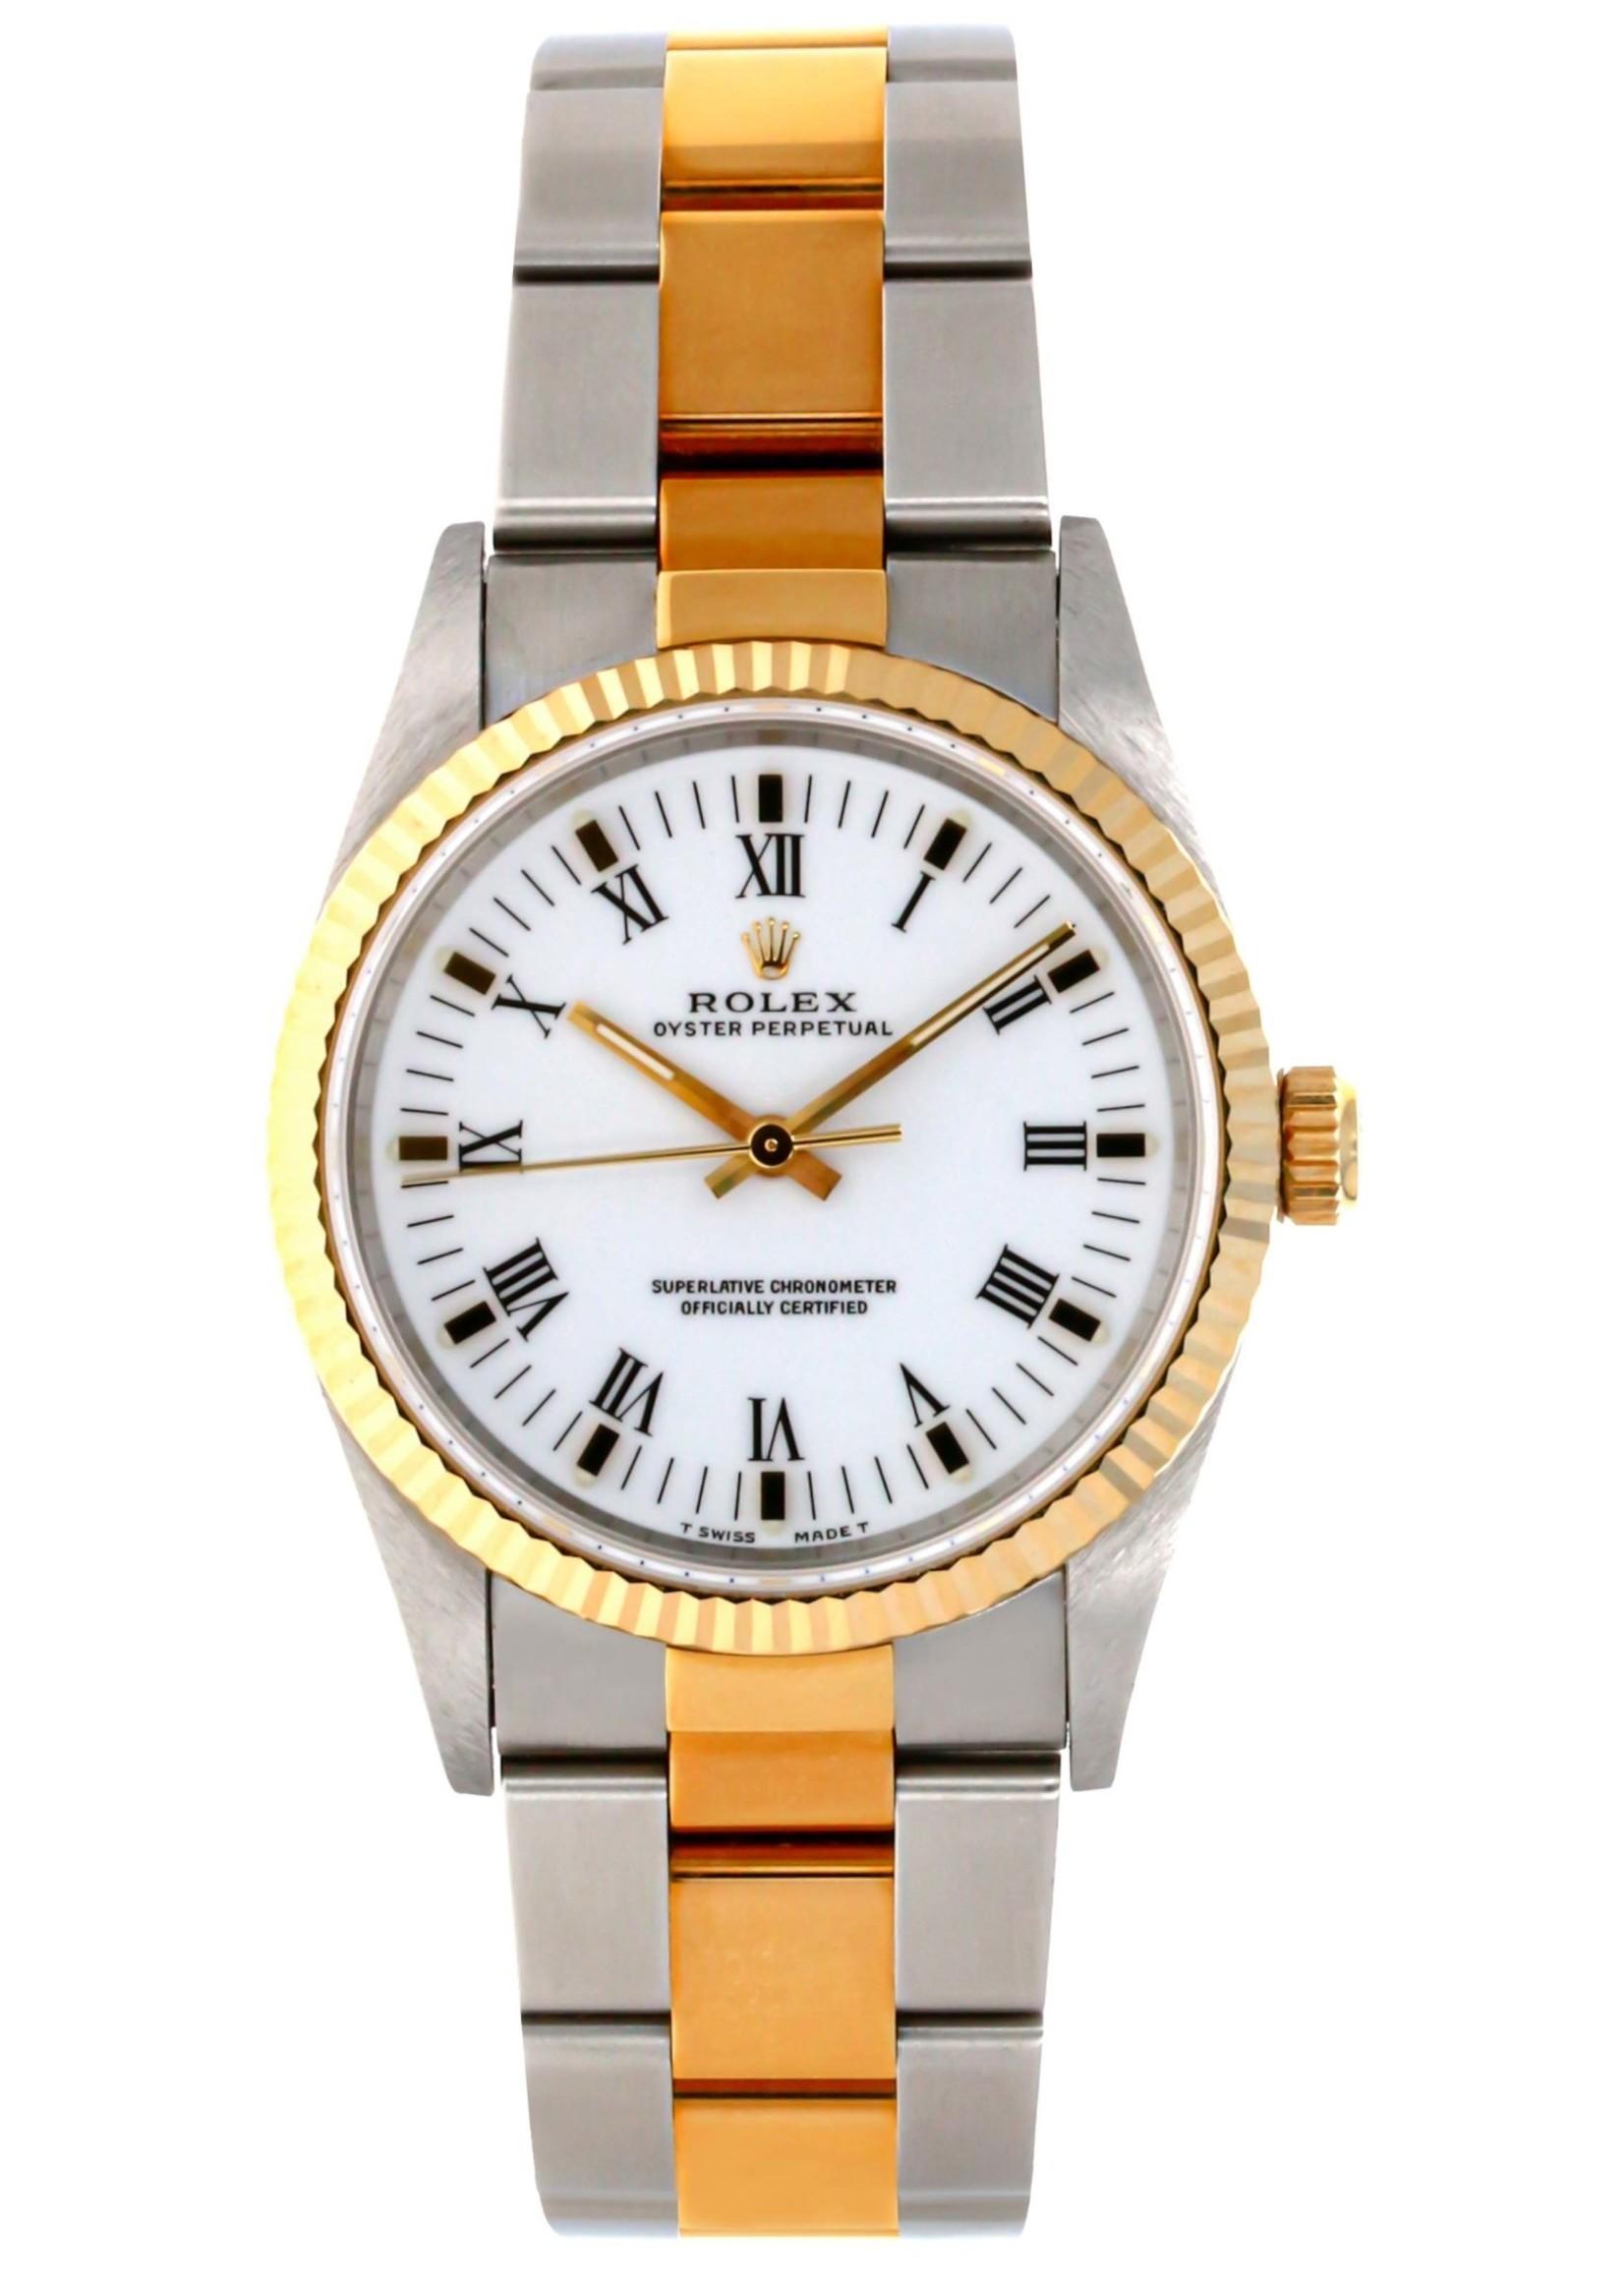 Rolex Rolex Oyster Perpetual Nondate (UNWORN)